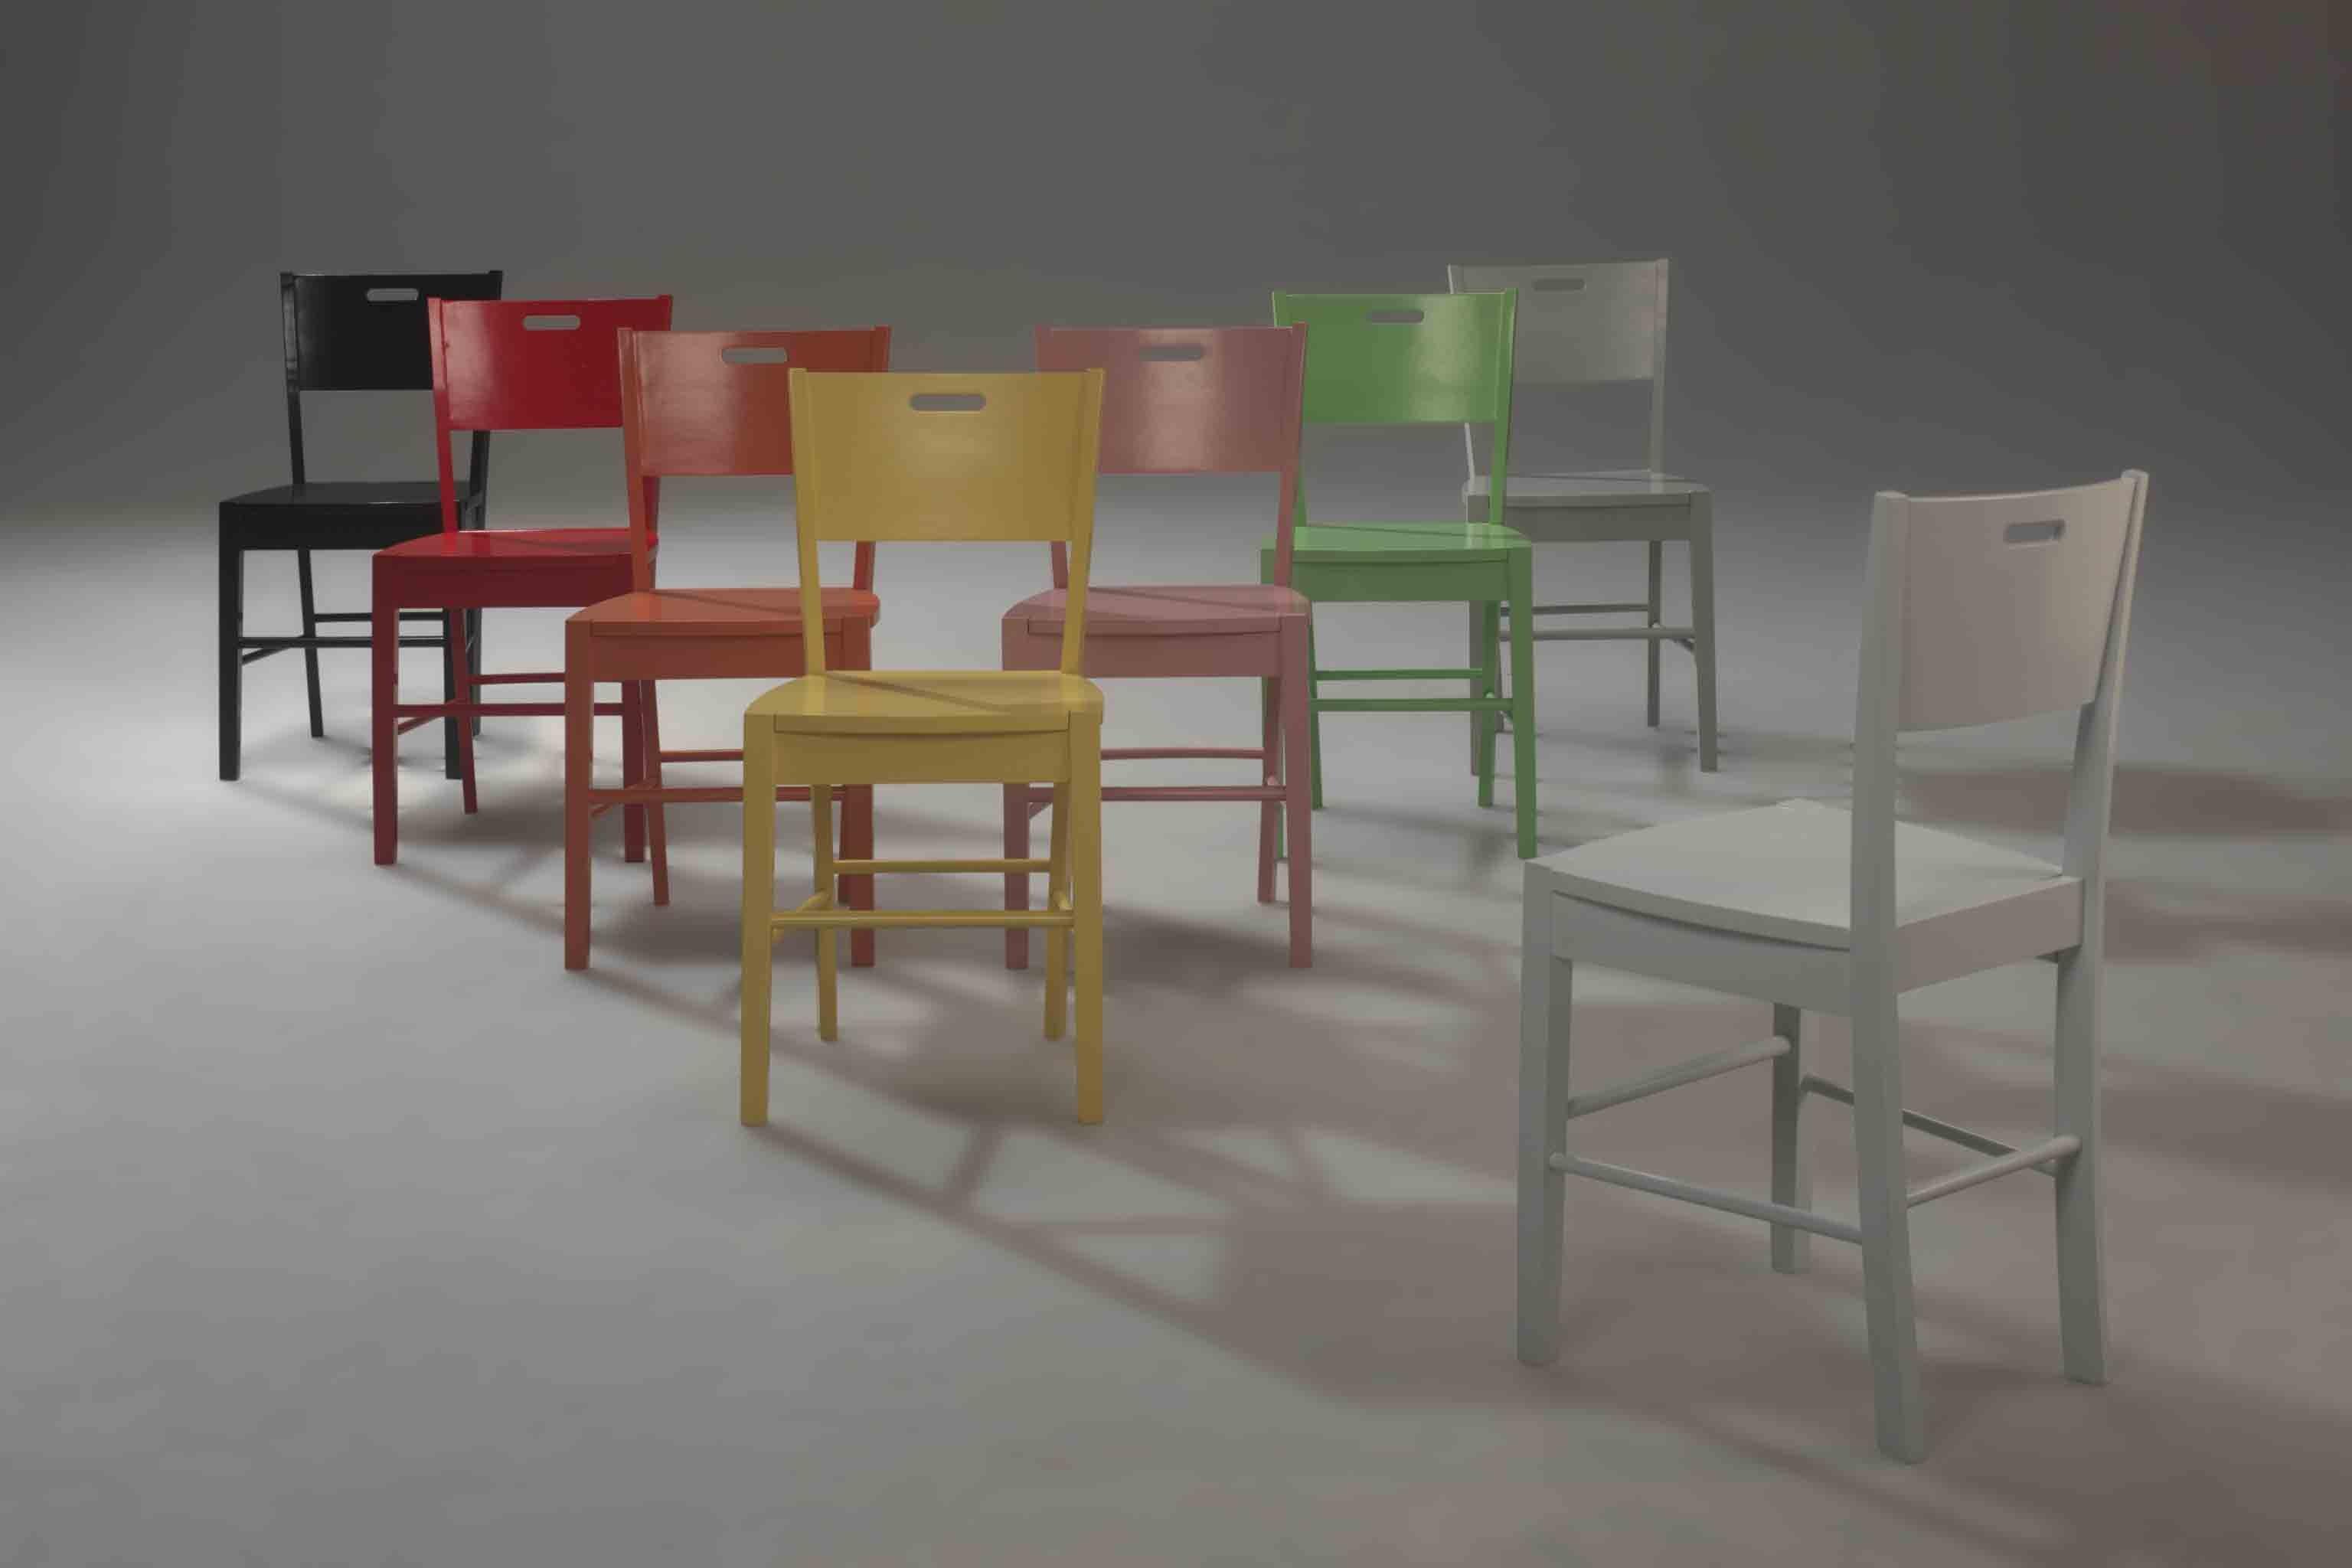 cadeira de madeira colorido cadeira cadeira moderna sala de jantar #8C713F 3072x2048